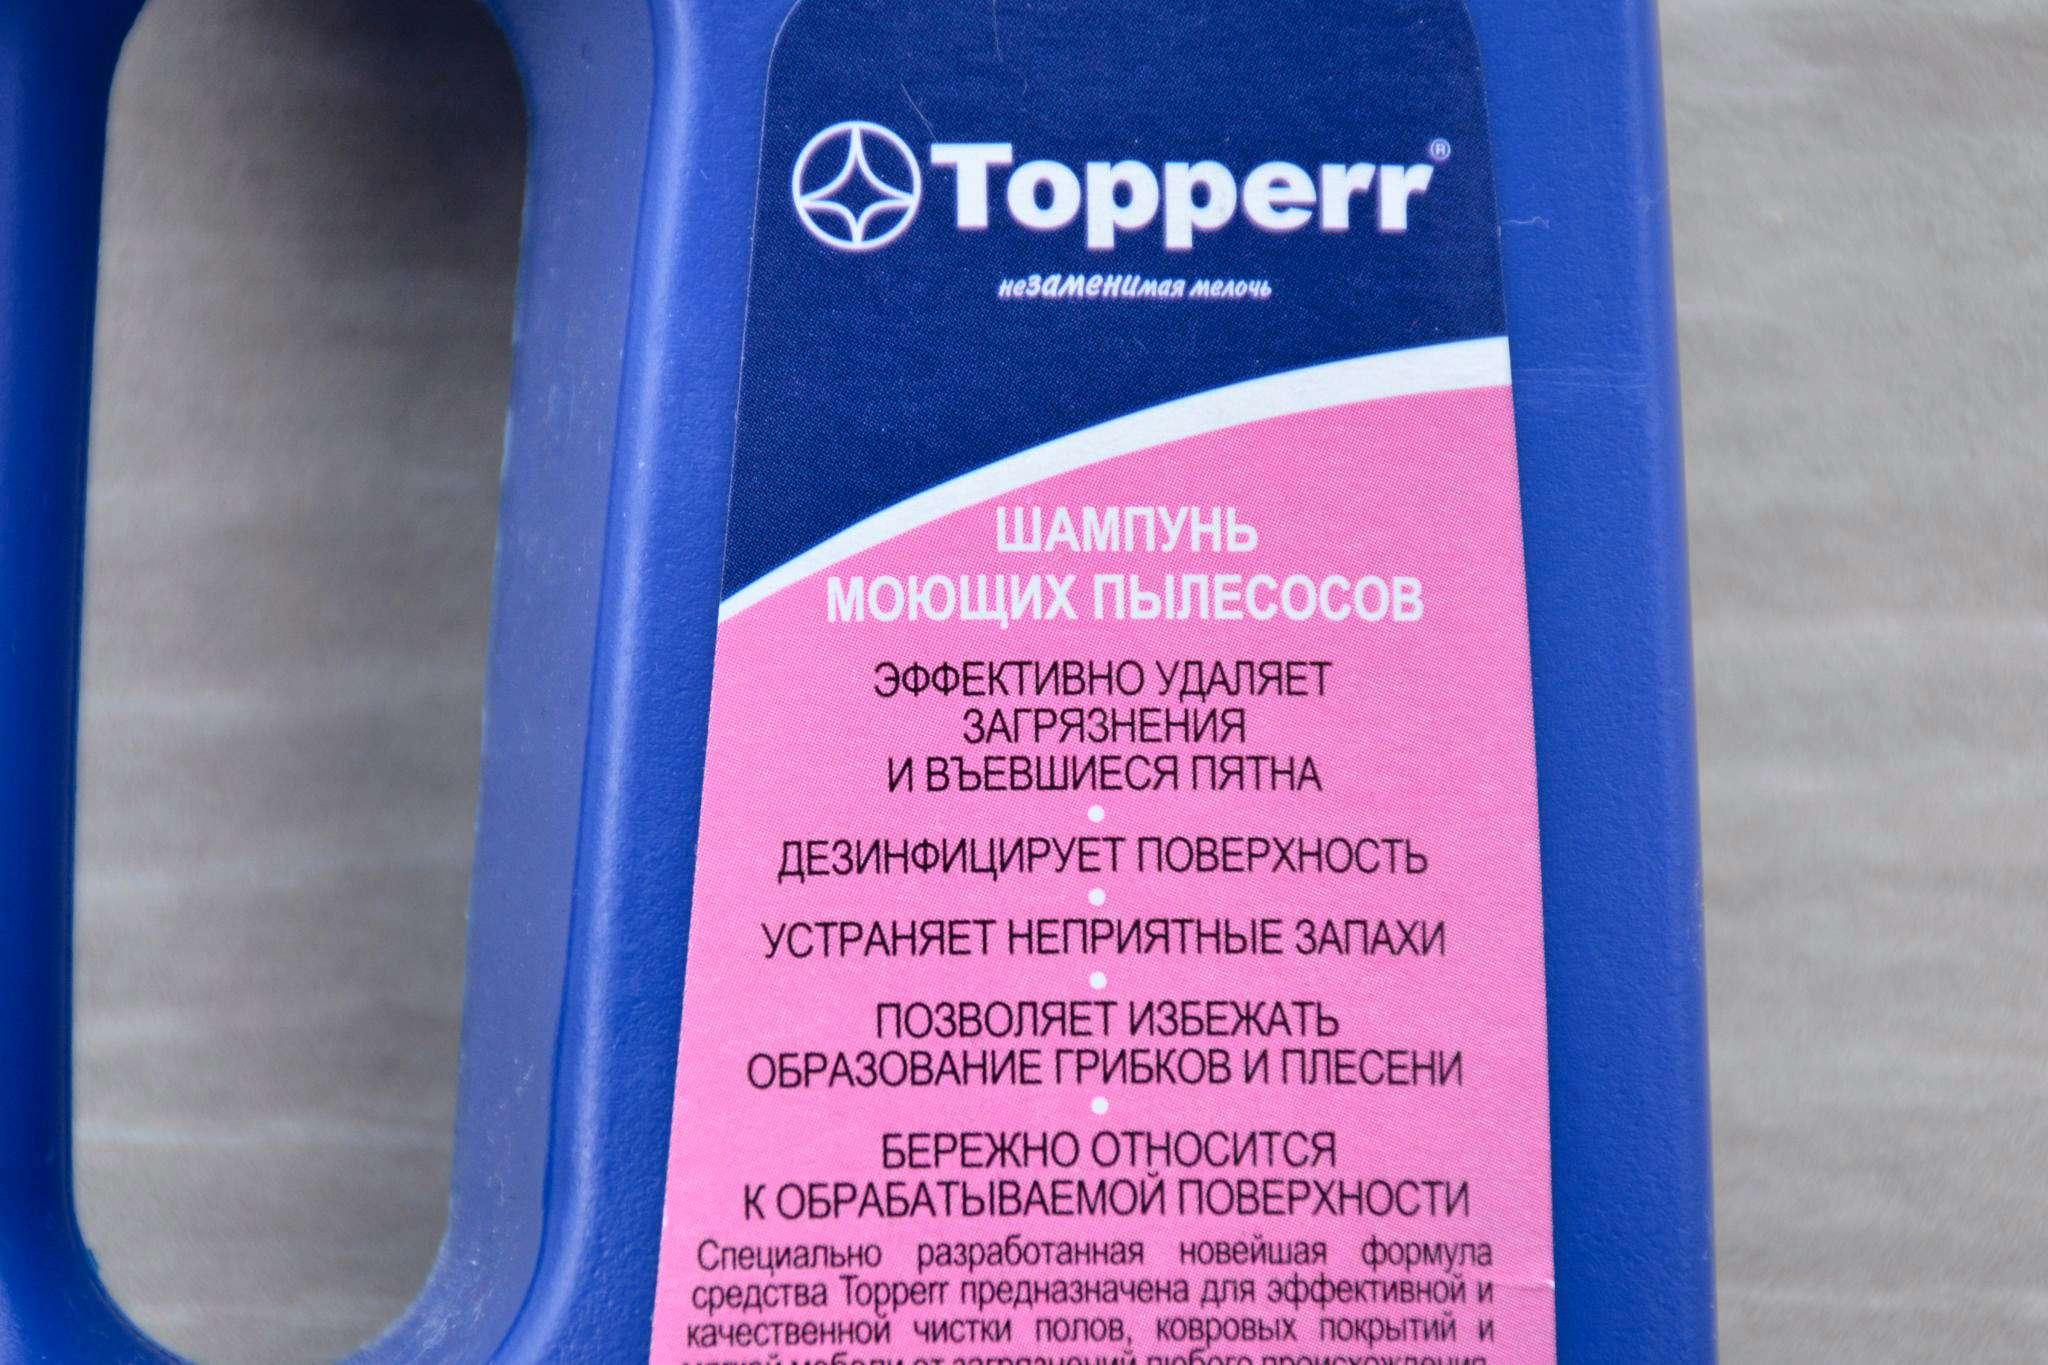 Как выбрать лучший шампунь для моющих пылесосов: хит-парад эффективных и популярных составов шампунь для моющих пылесосов: какое моющее средство лучше выбрать